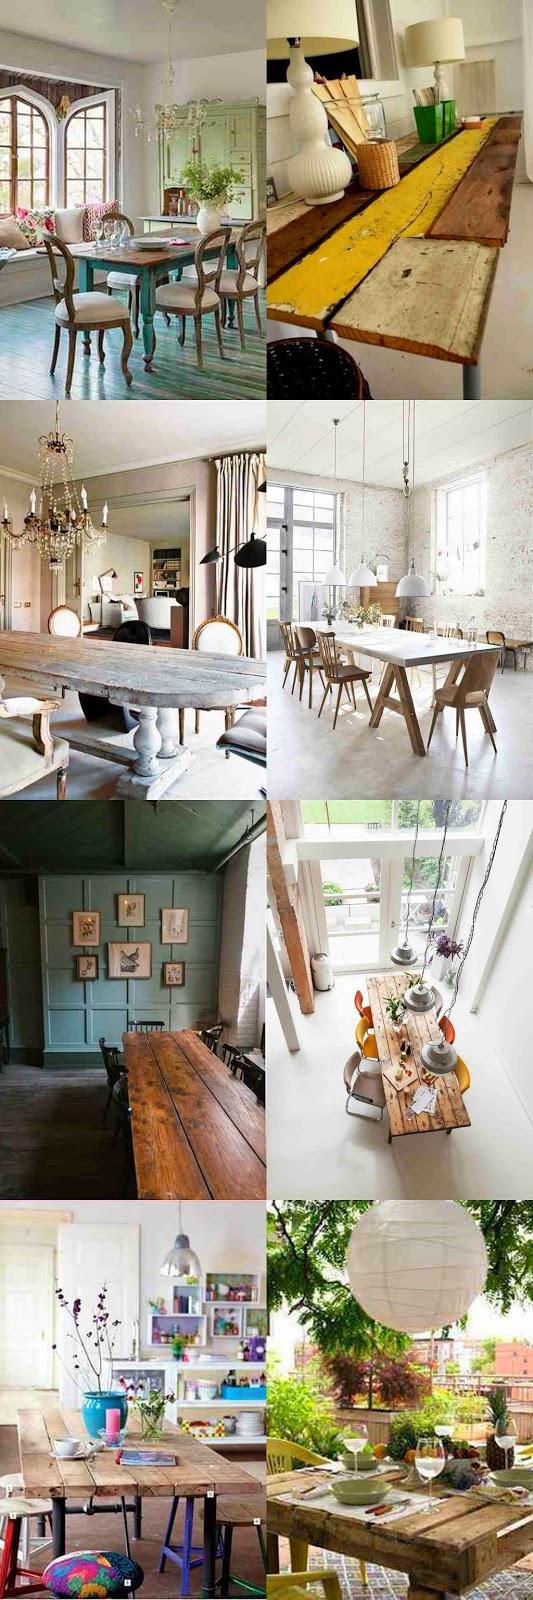 Stoły drewniane, z drewnianych desek, stoły vintage, stoły rustyklane